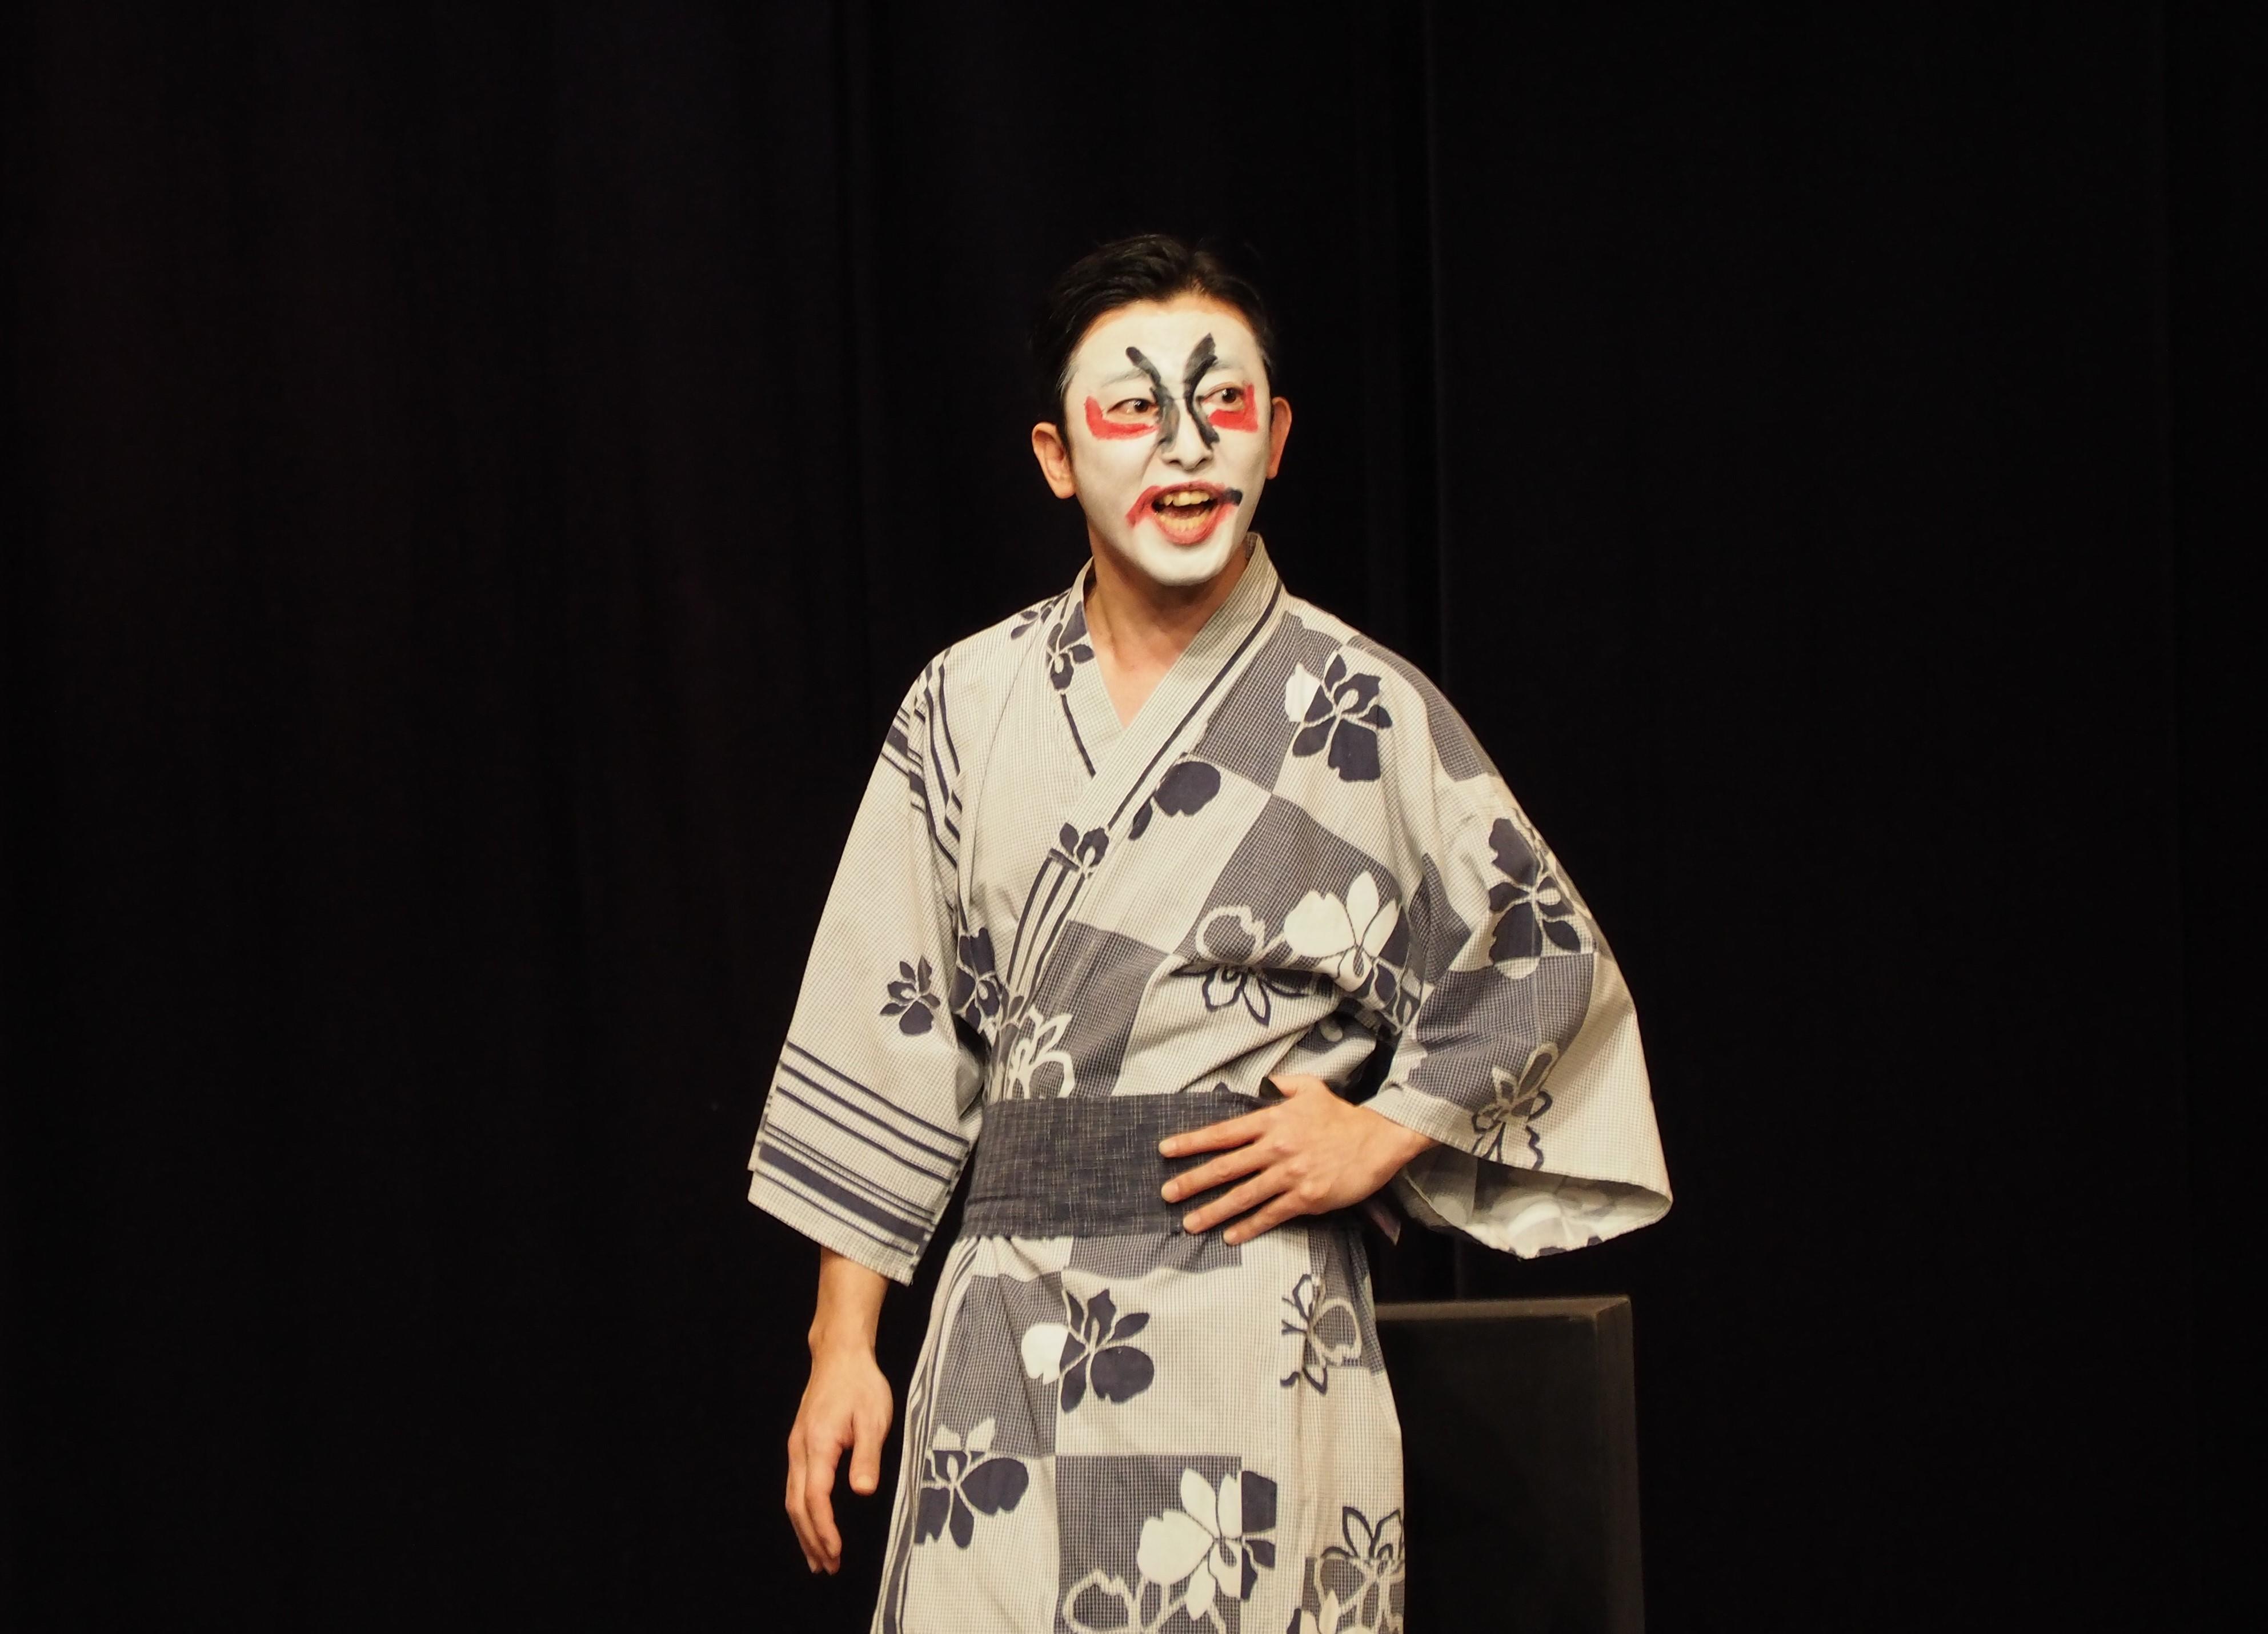 http://news.yoshimoto.co.jp/20171230201100-2677a5f38b39f6ecfeb37630947092c5fb035906.jpg